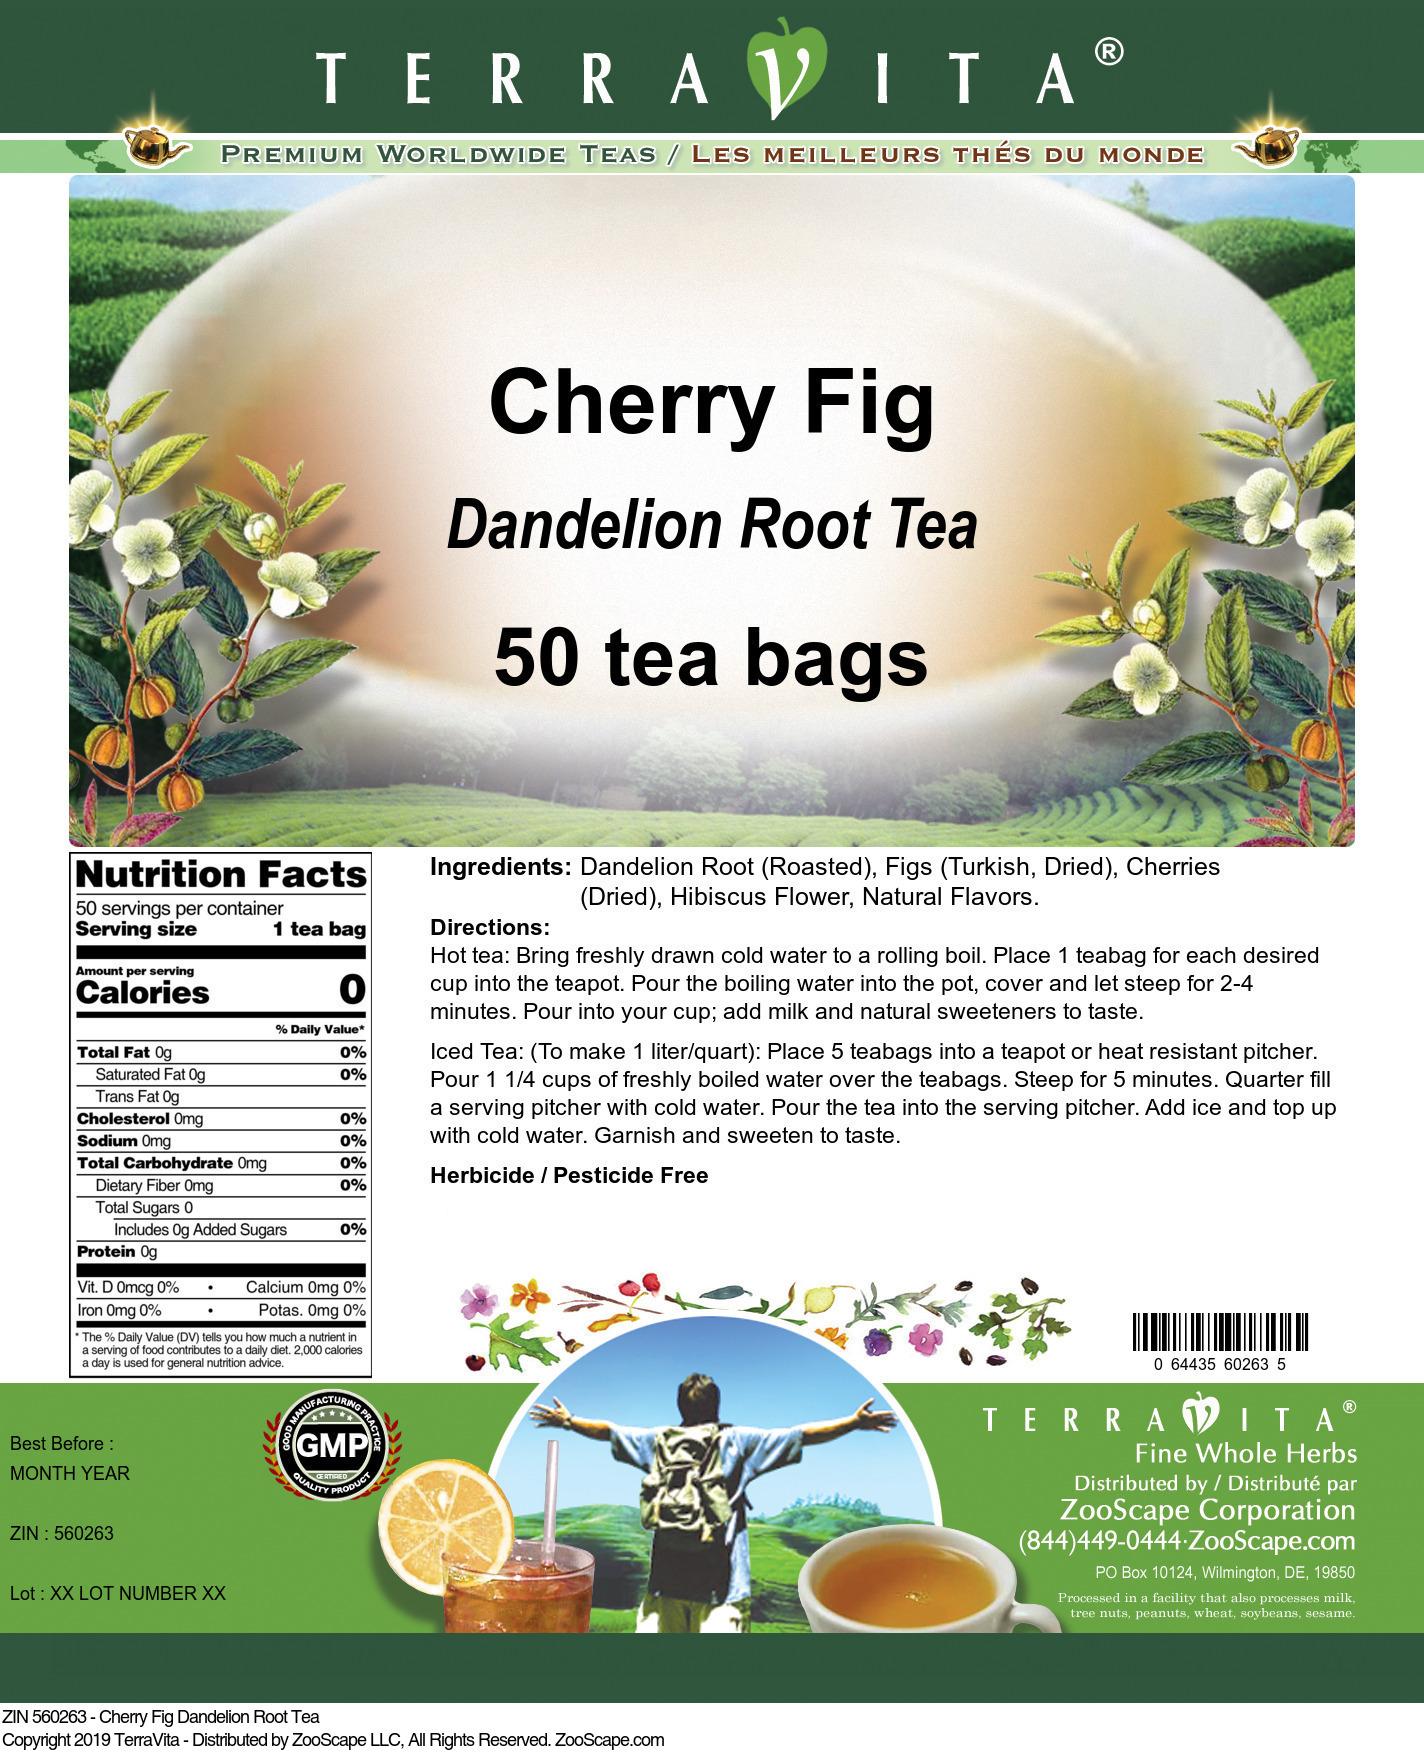 Cherry Fig Dandelion Root Tea